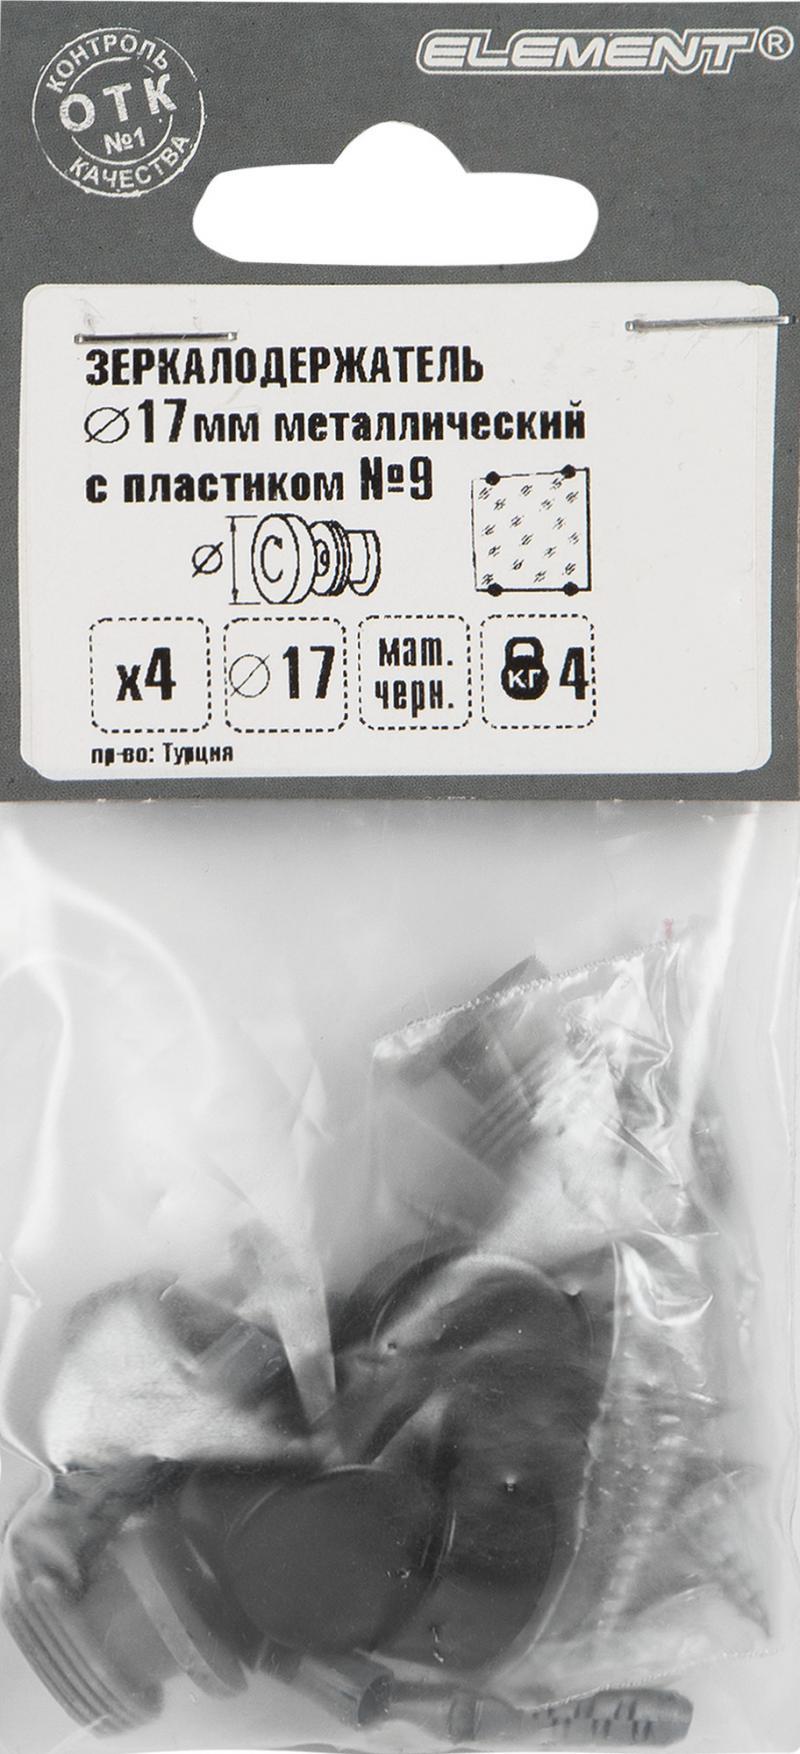 Зеркалодержатель мебельный № 9 17 мм, металл/пластик, цвет матовый чёрный, 4 шт.